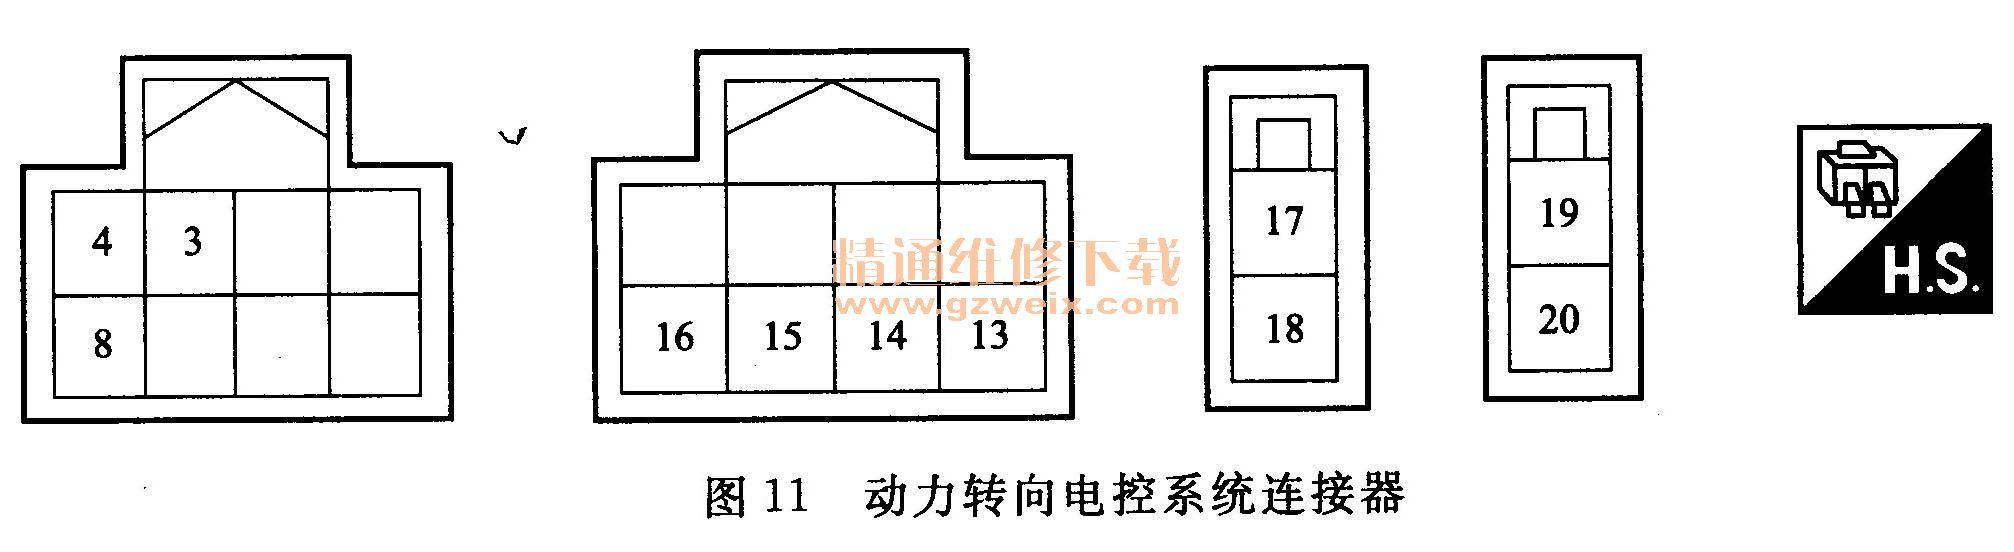 动力转向电控系统连接器如图11所示,其端子功能和检测数据如表